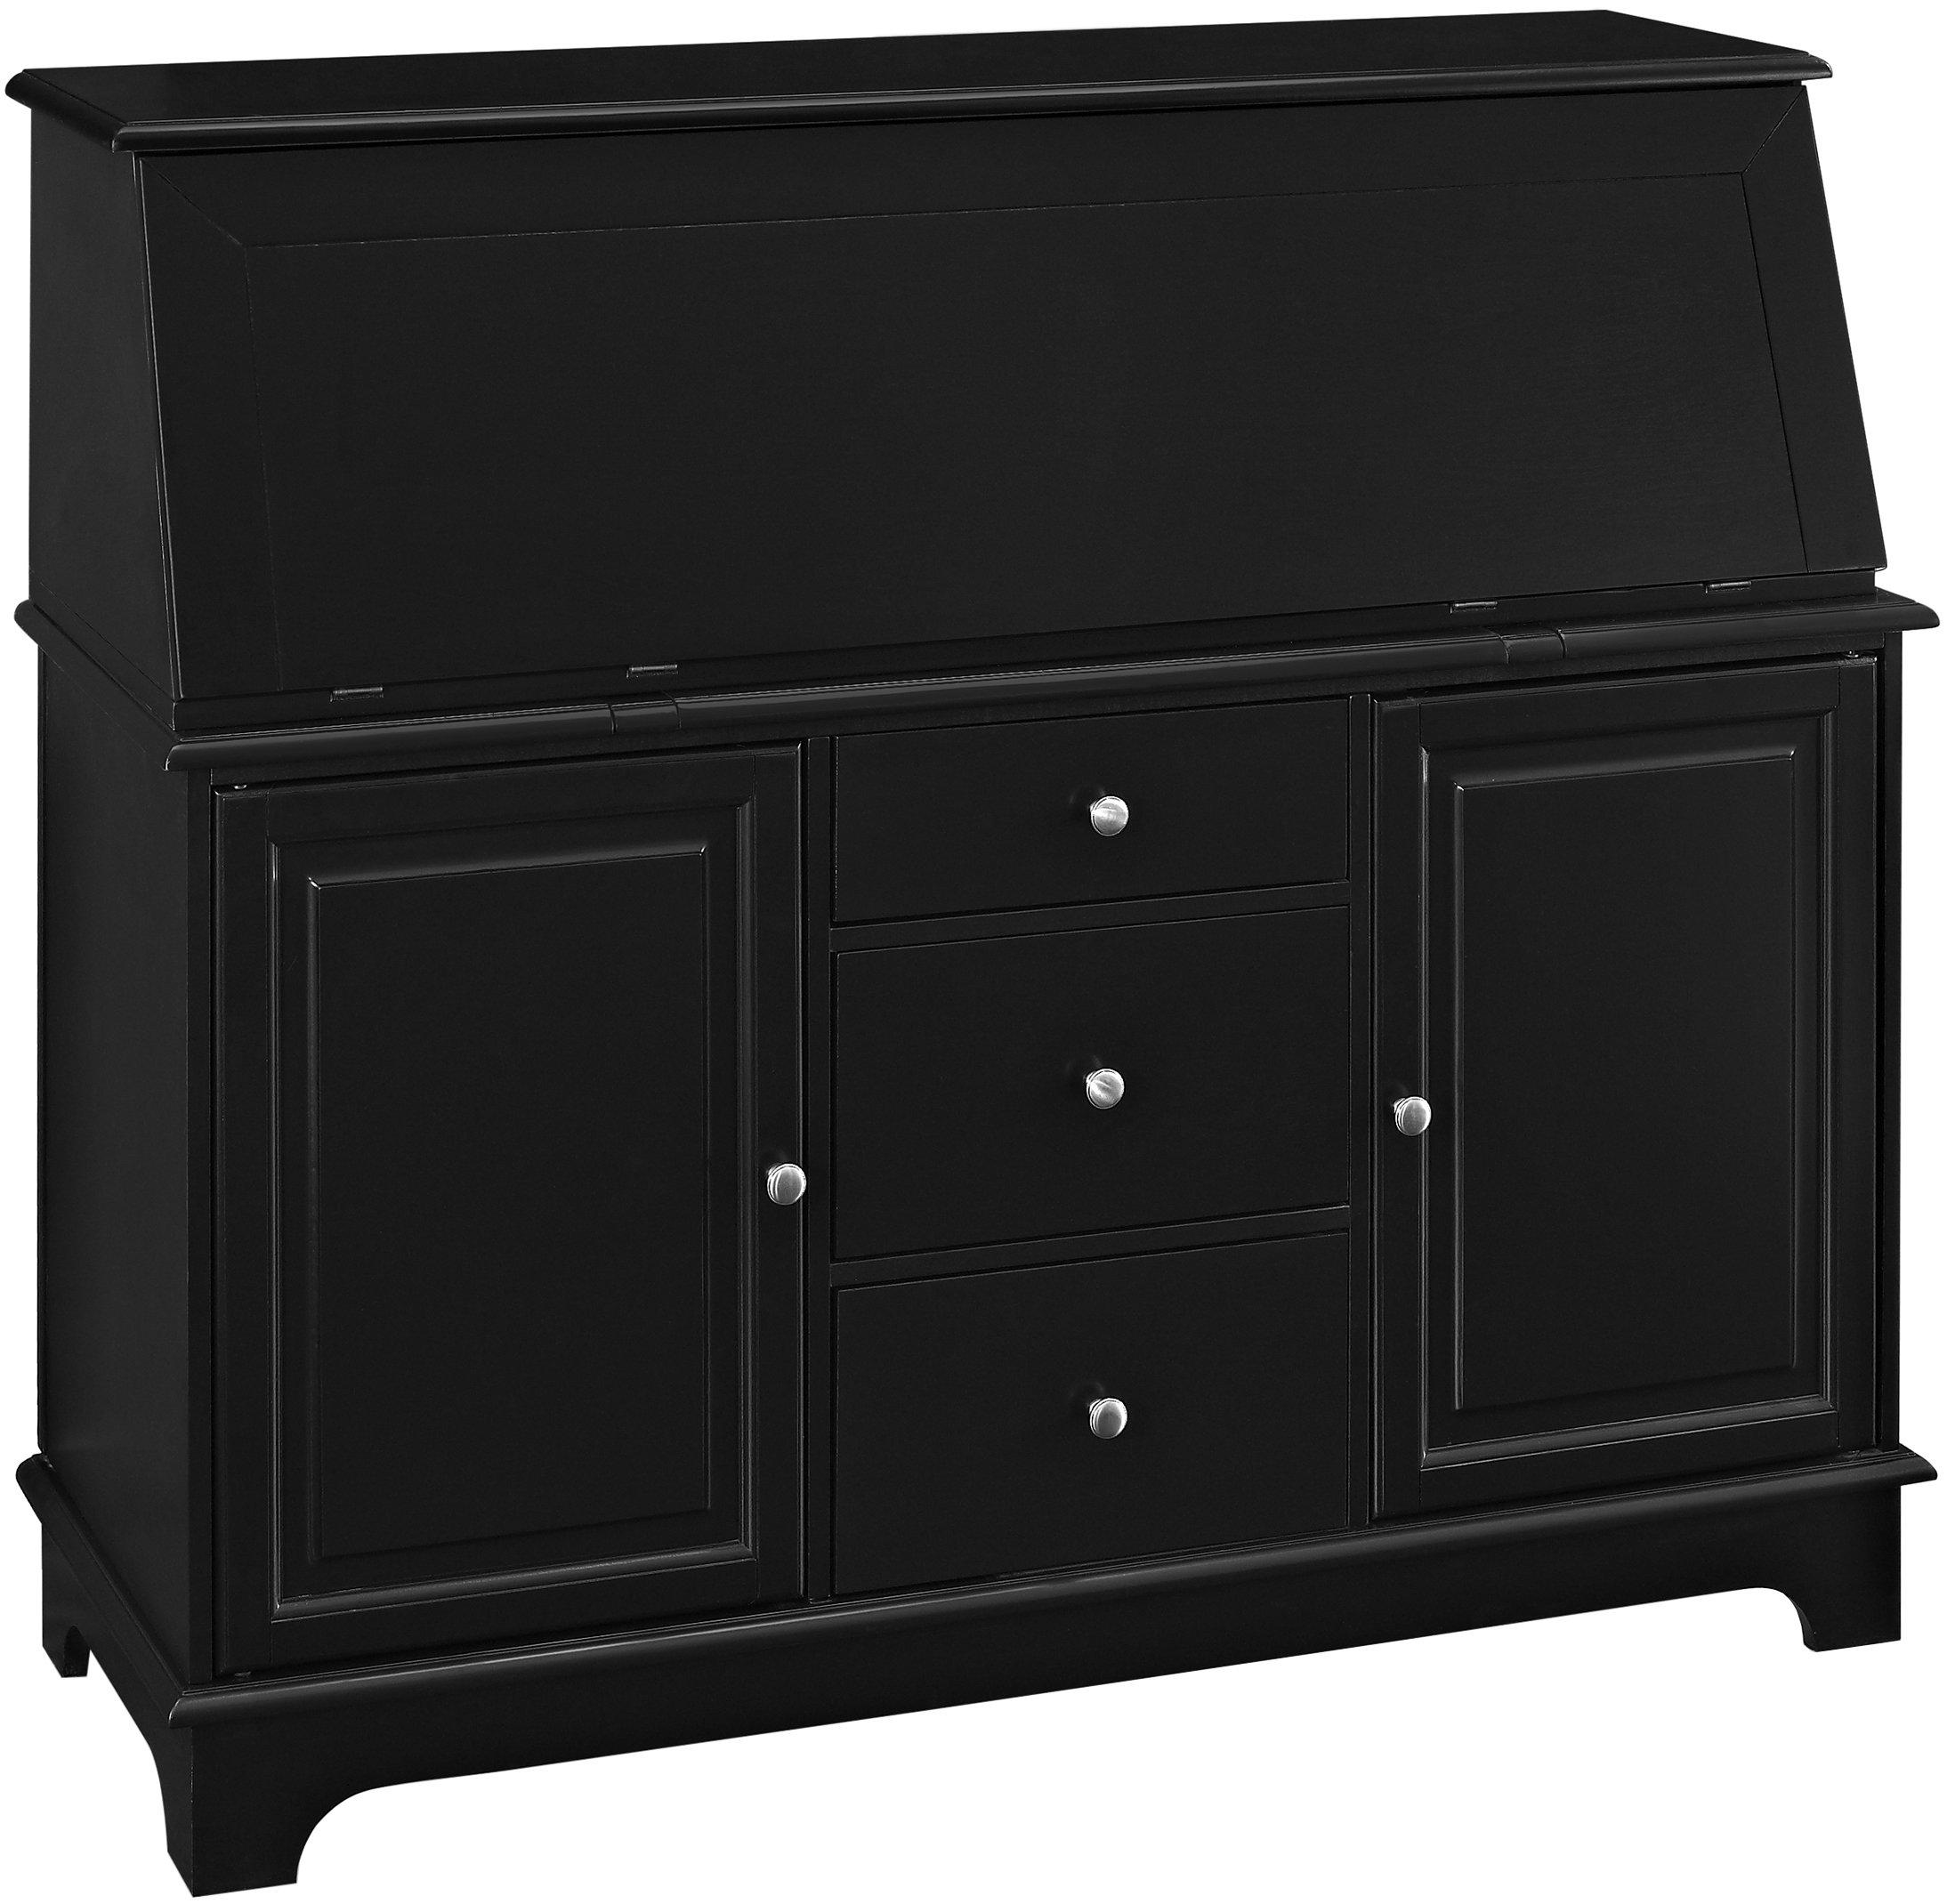 Crosley Furniture Sullivan Secretary Desk - Black by Crosley Furniture